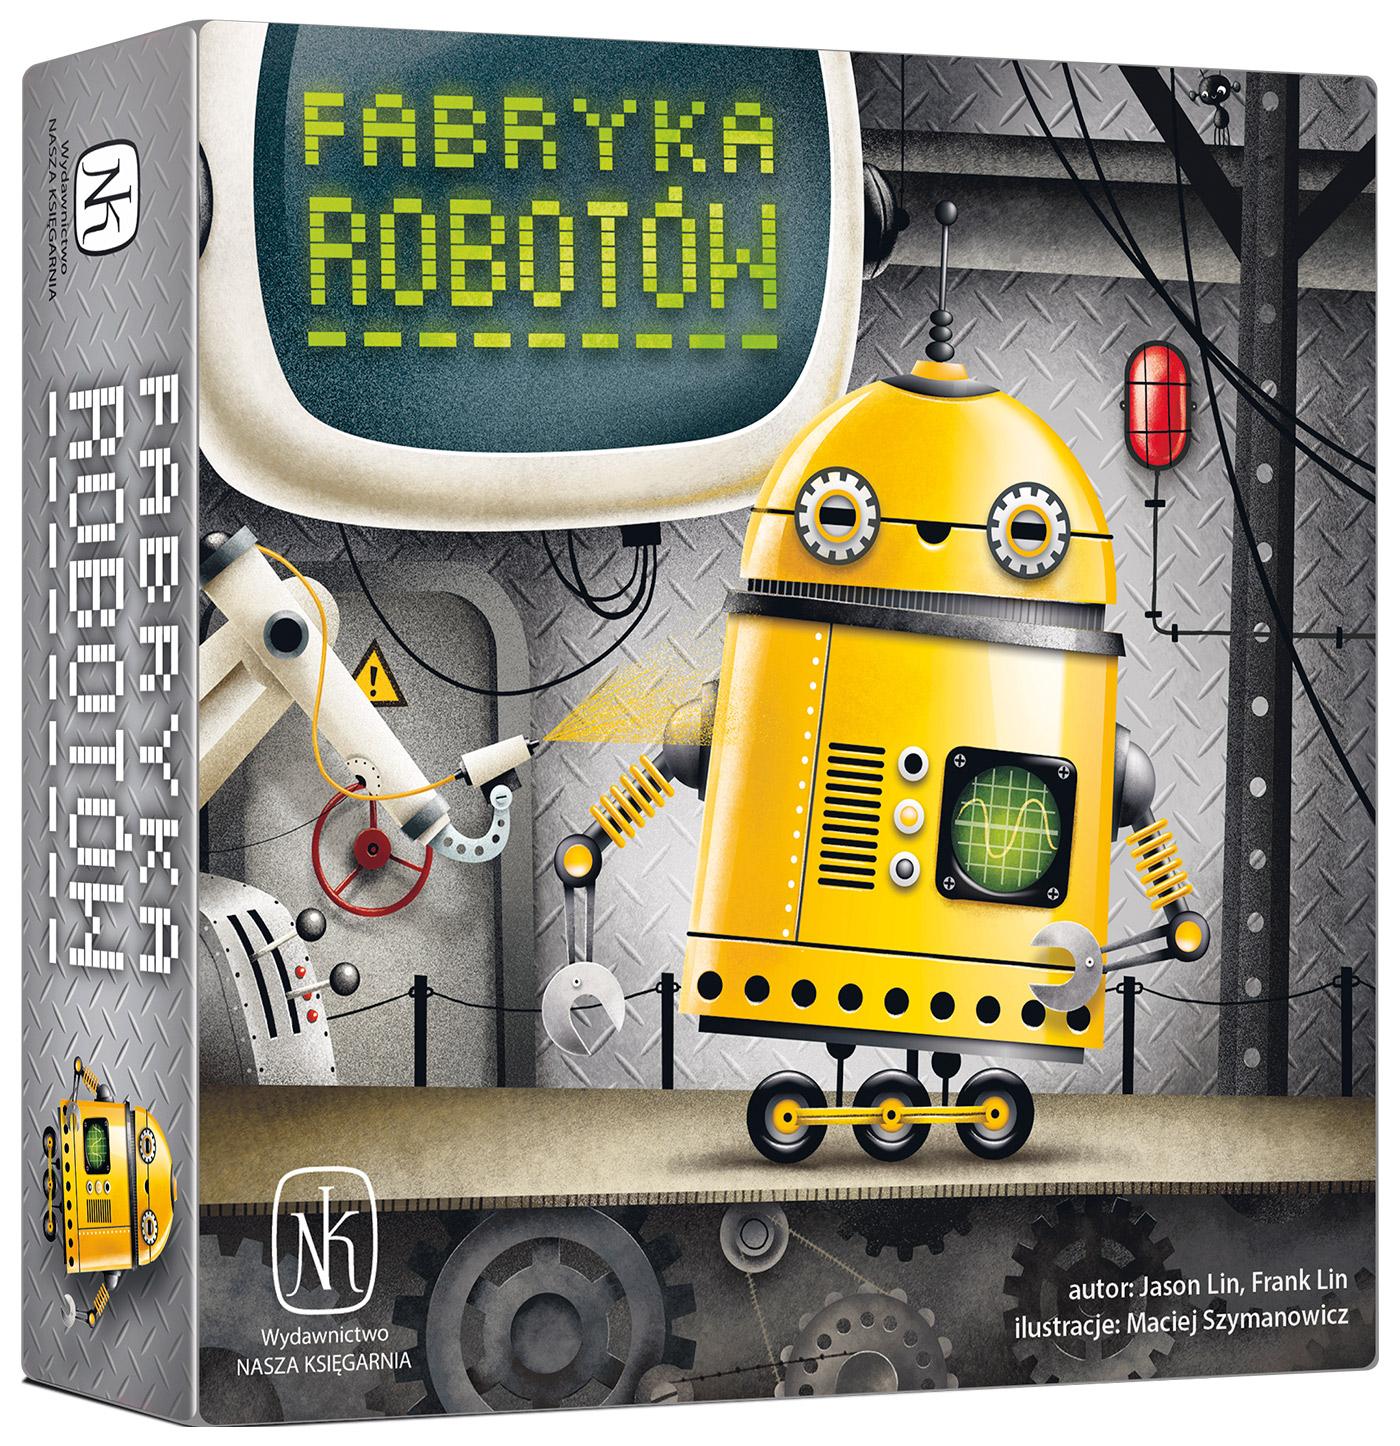 FABRYKA_ROBOTÓW_1400_pudełko